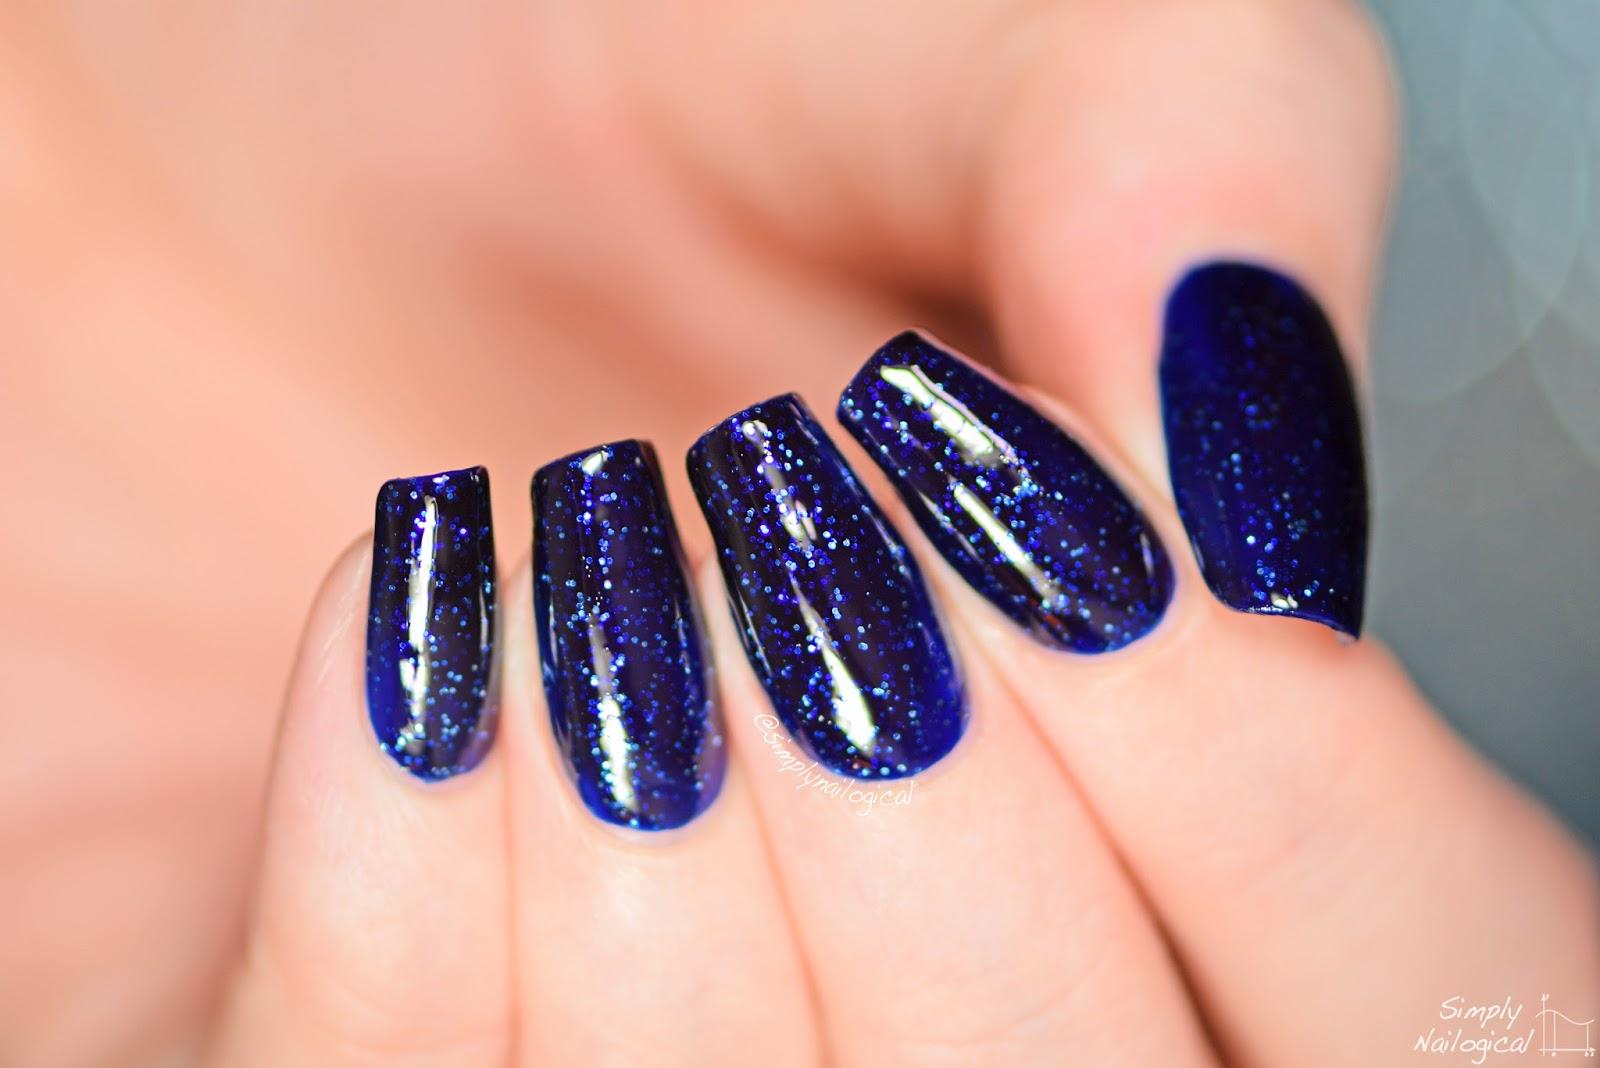 Simply Nailogical: $200 Nail polish?! Or not.